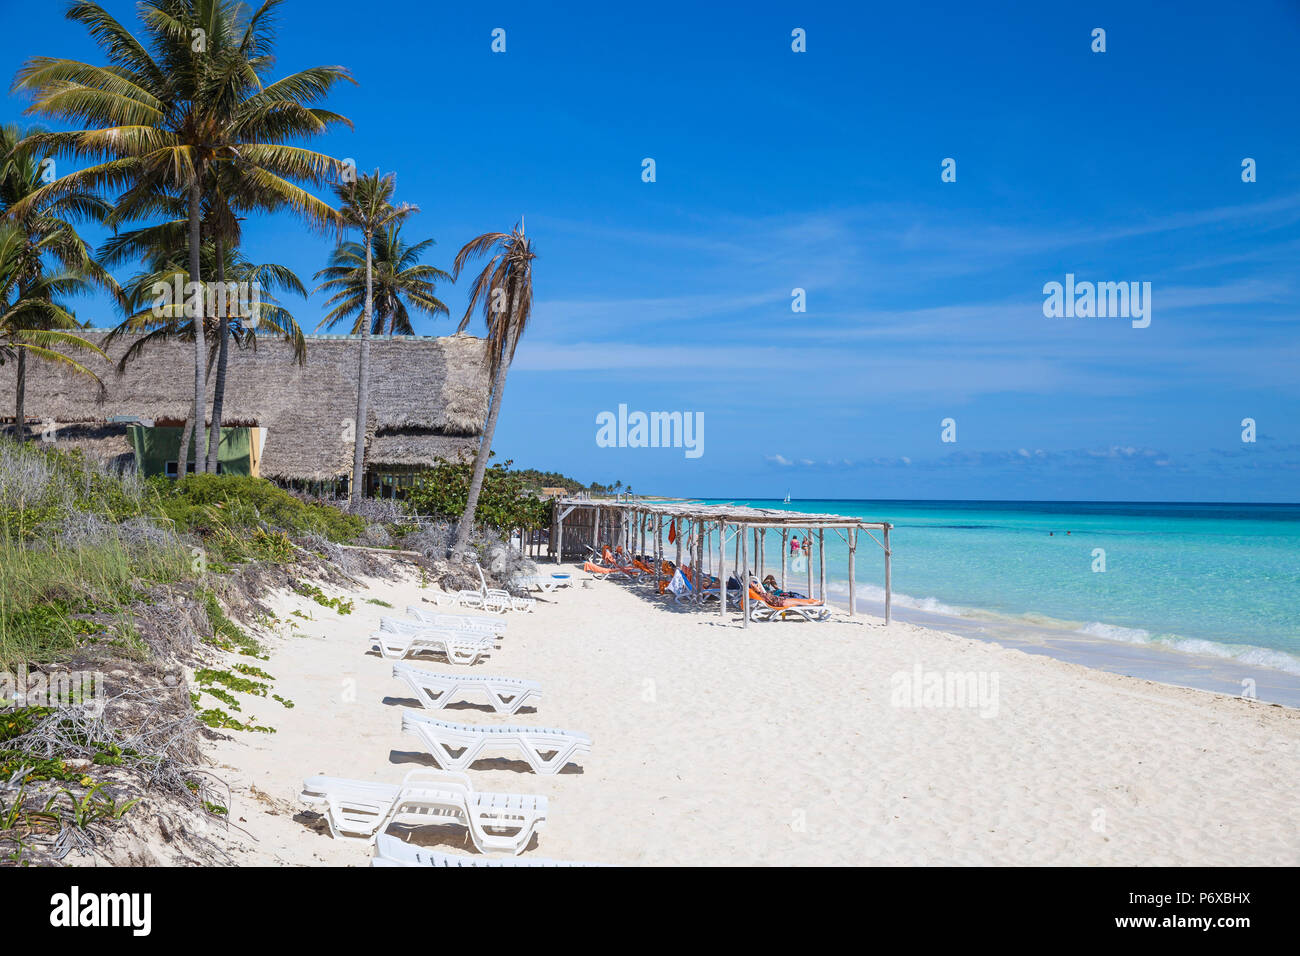 Kuba, Jardines del Rey, Cayo Coco, Playa Larga Stockbild